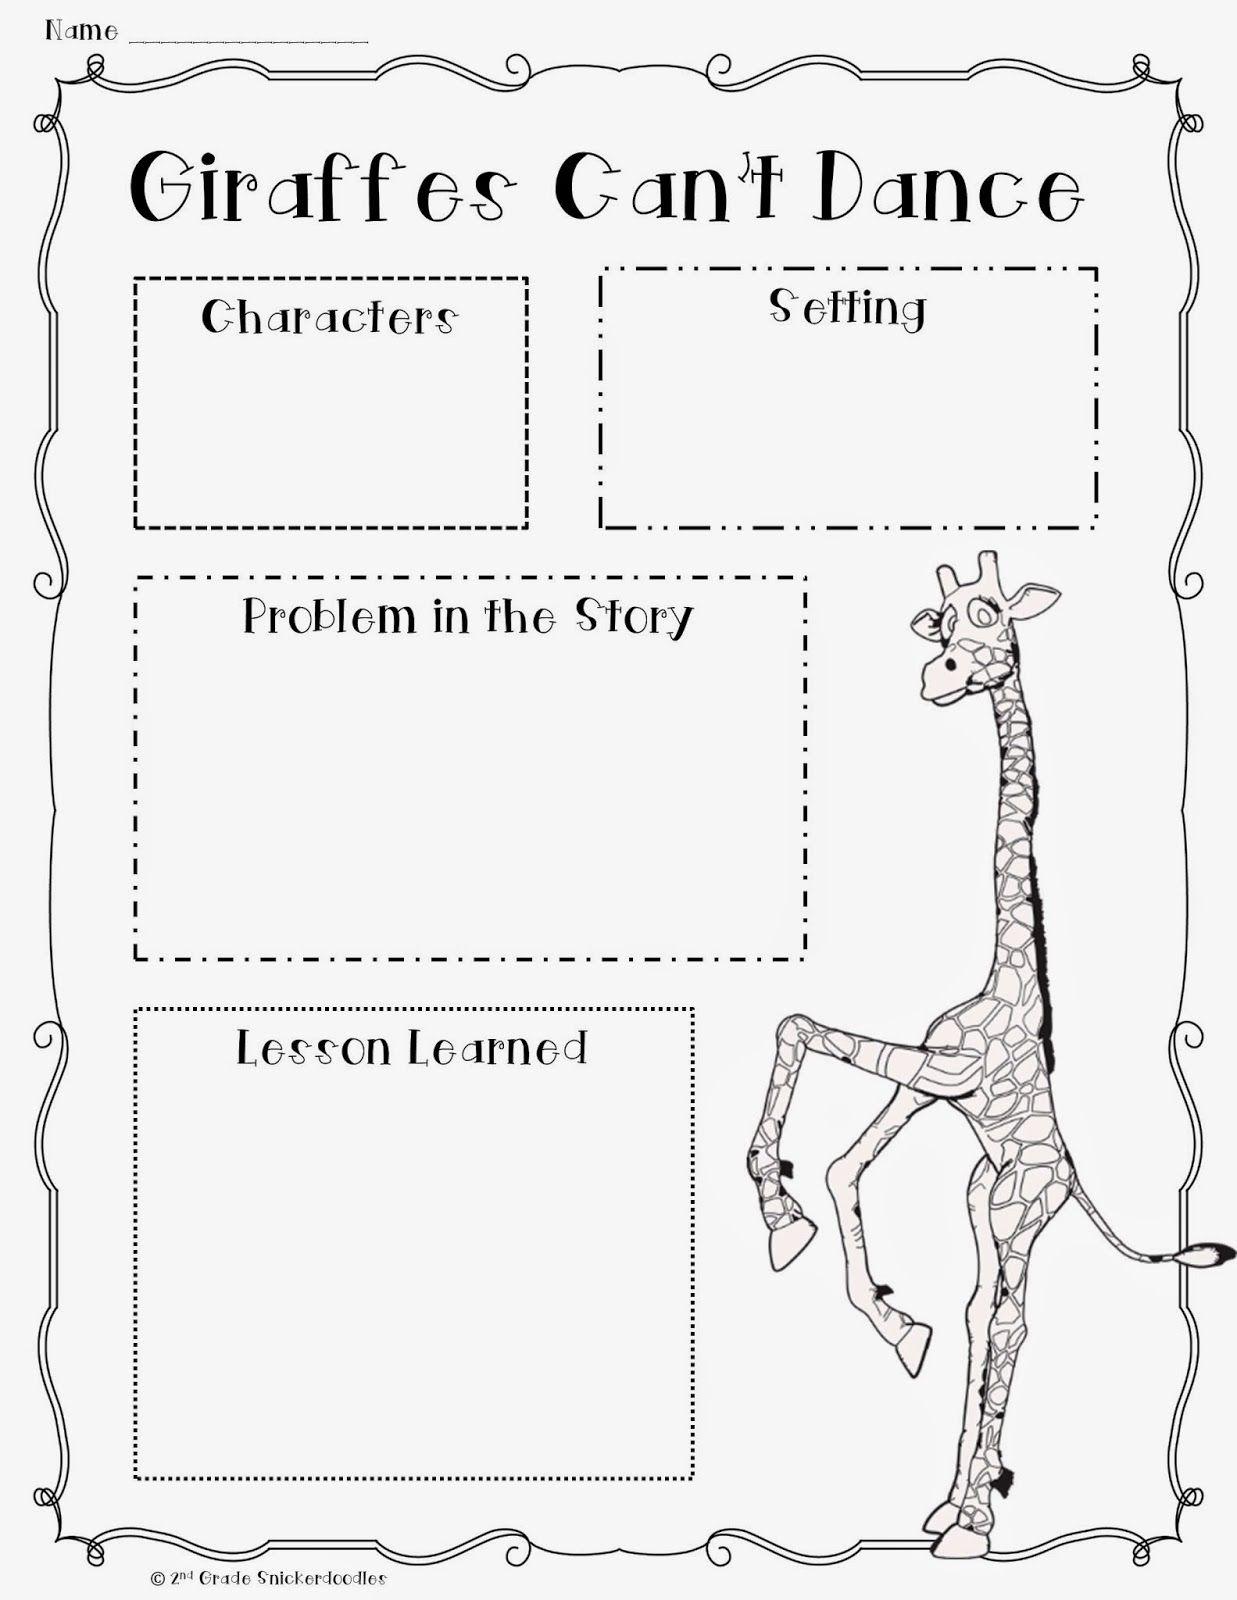 medium resolution of 2nd Grade Snickerdoodles: Giraffes Can't Dance Book Chat Fun   Giraffes  cant dance